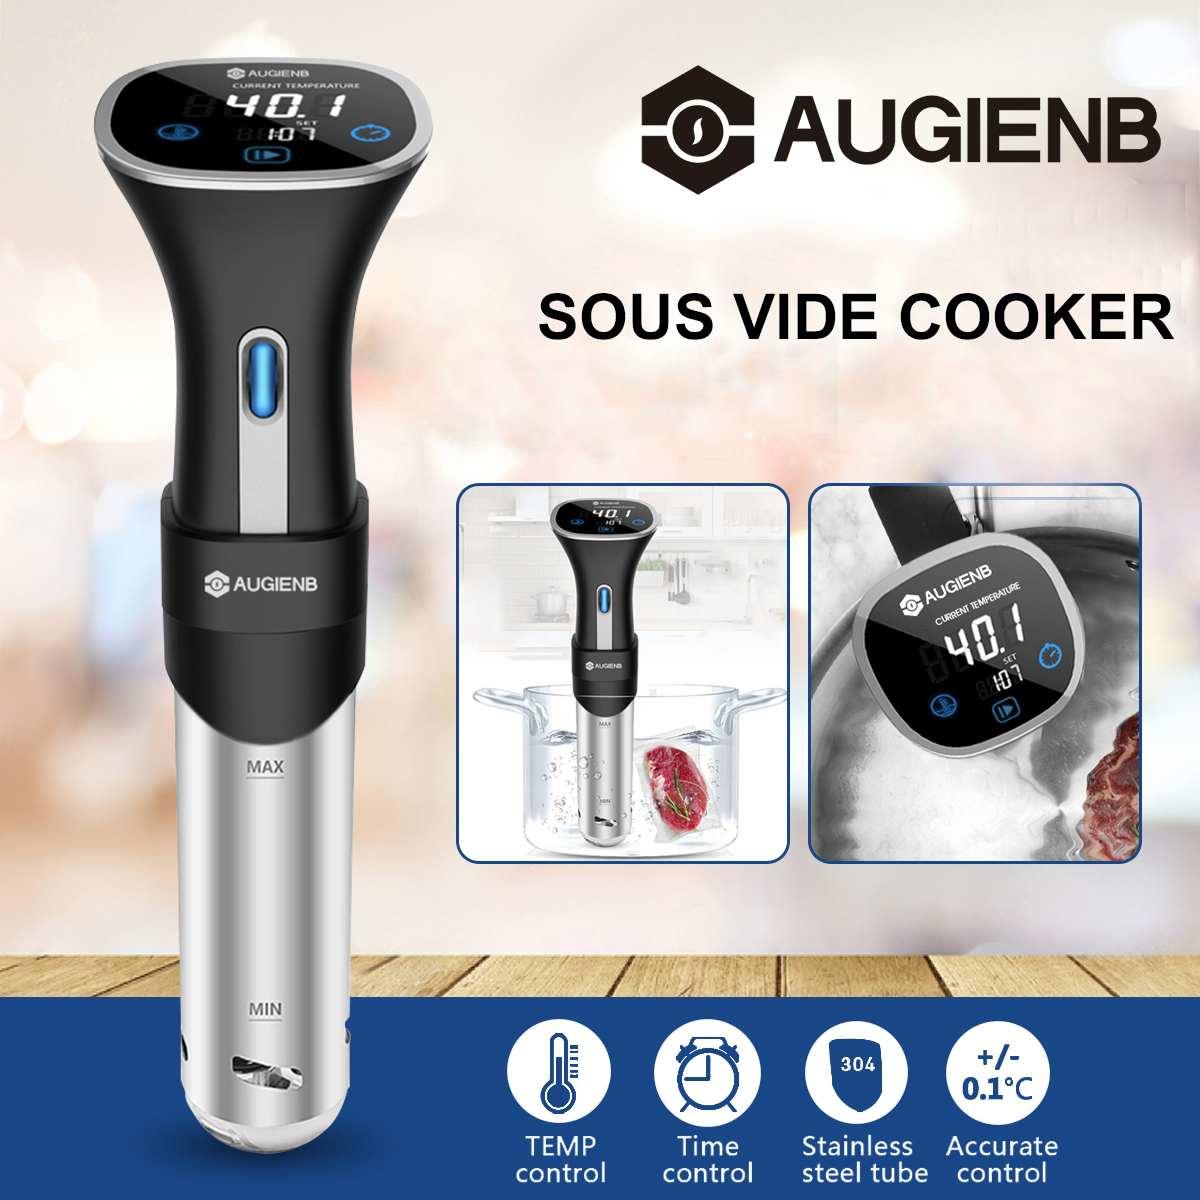 AUGIENB 800W cuiseur à Vide lent Sous Vide 15L circulateur à Immersion Machine LCD minuterie numérique en acier inoxydable